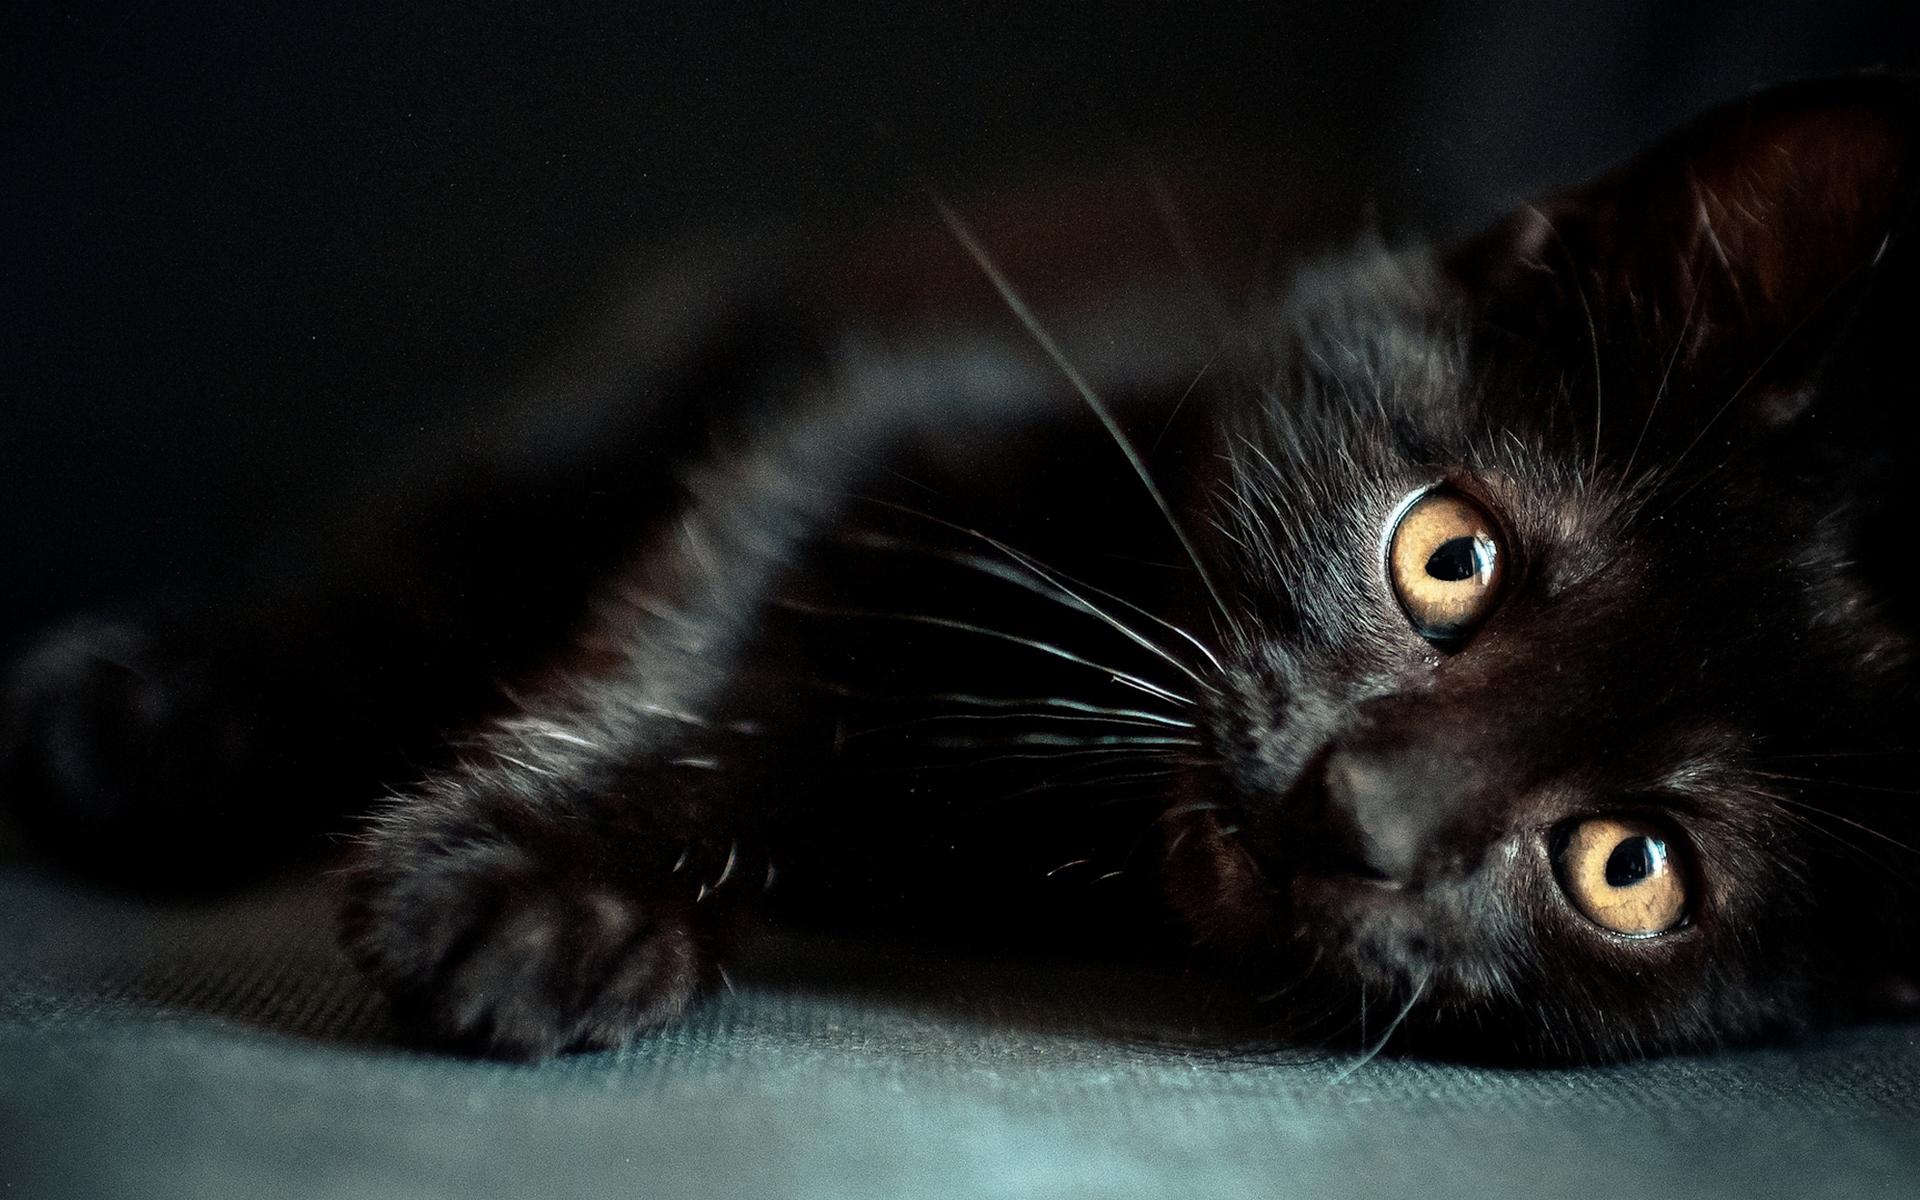 картинки с черной кошечкой глазами картинке